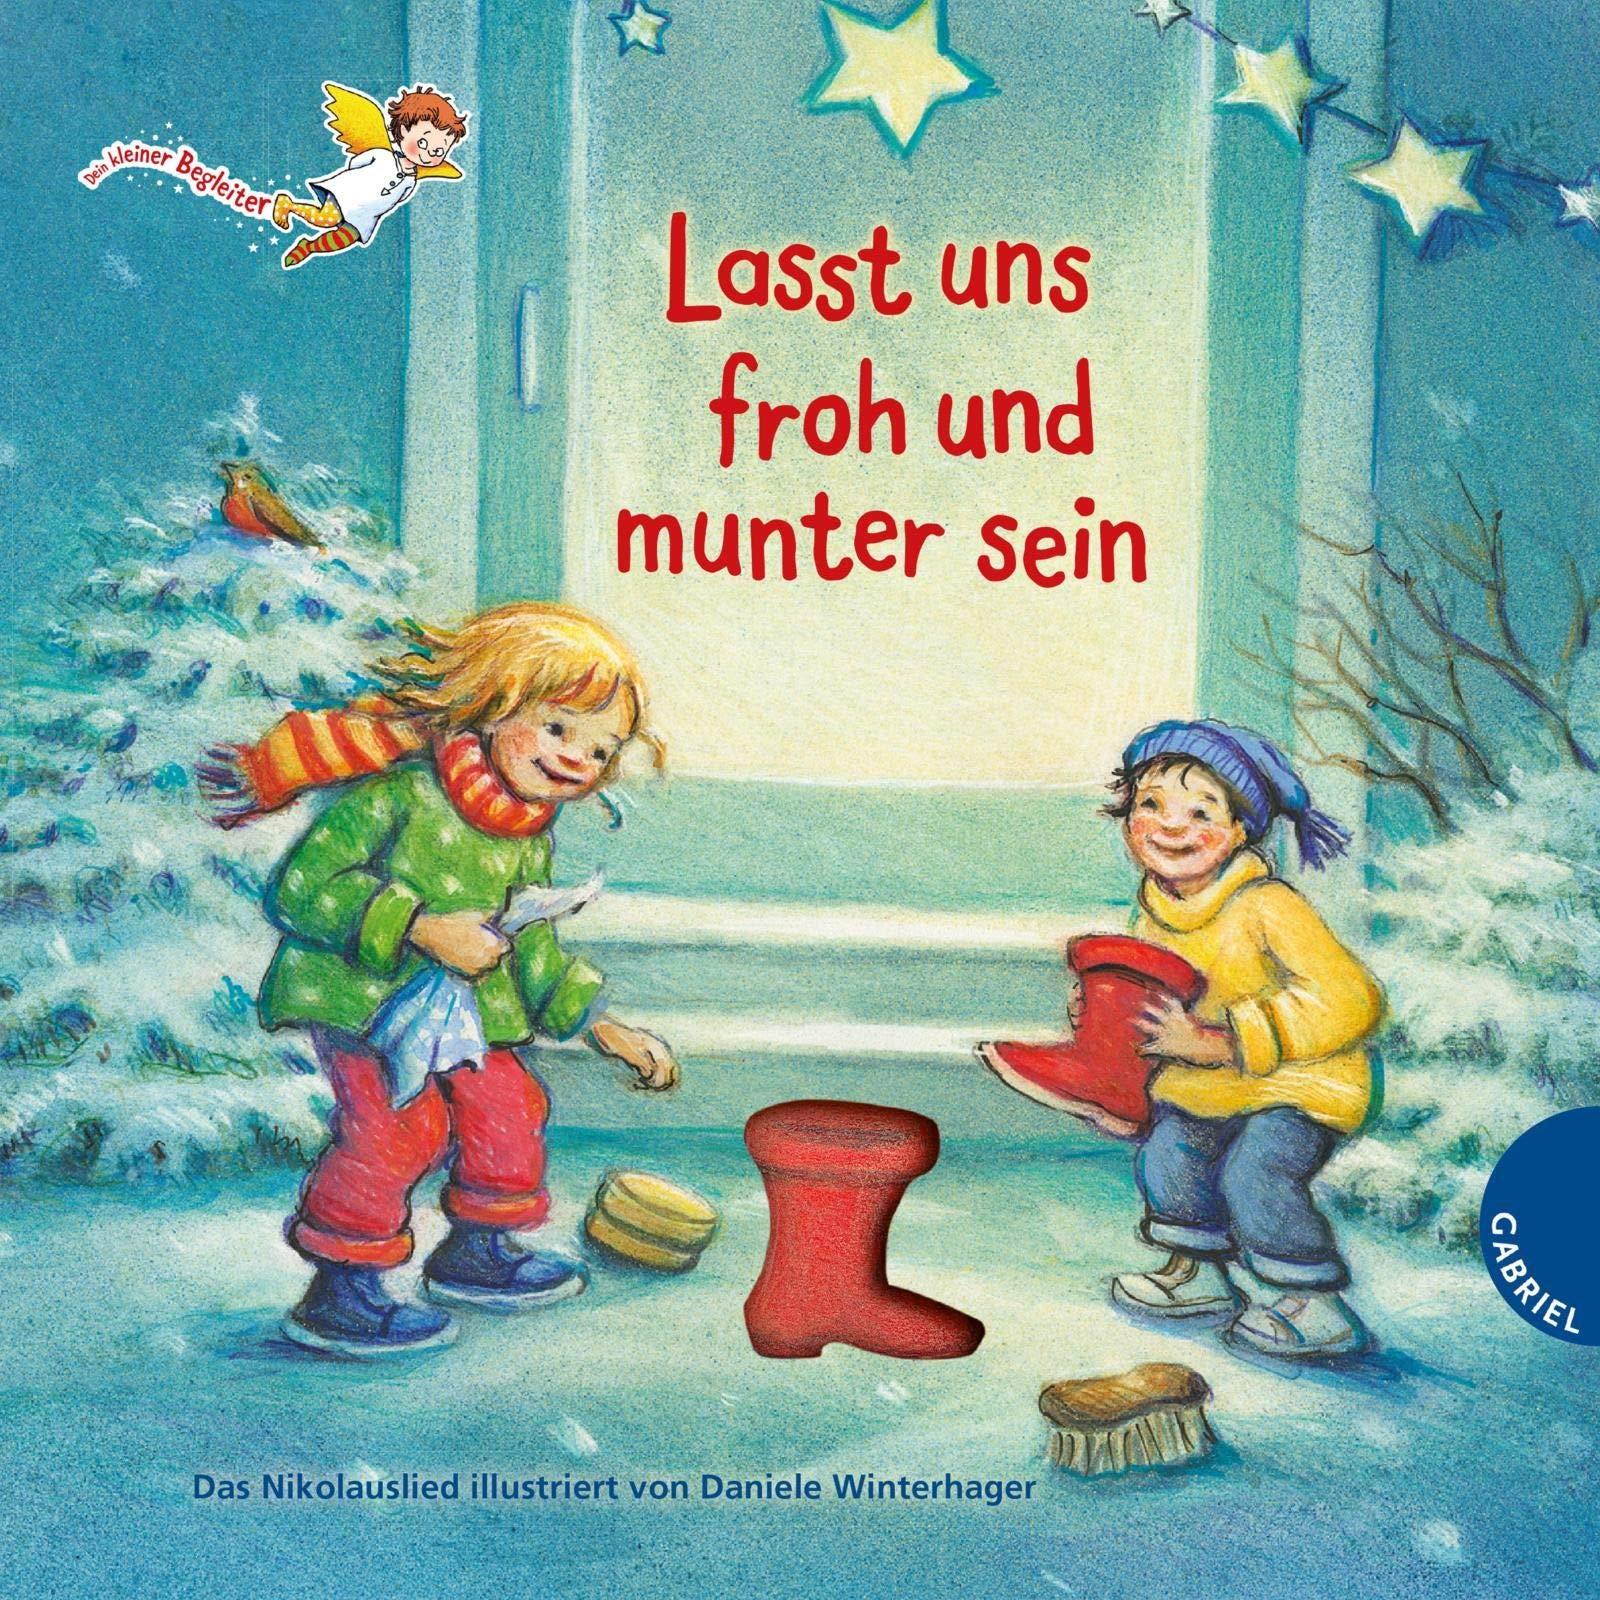 Lasst uns roh und munter sein (German Edition)